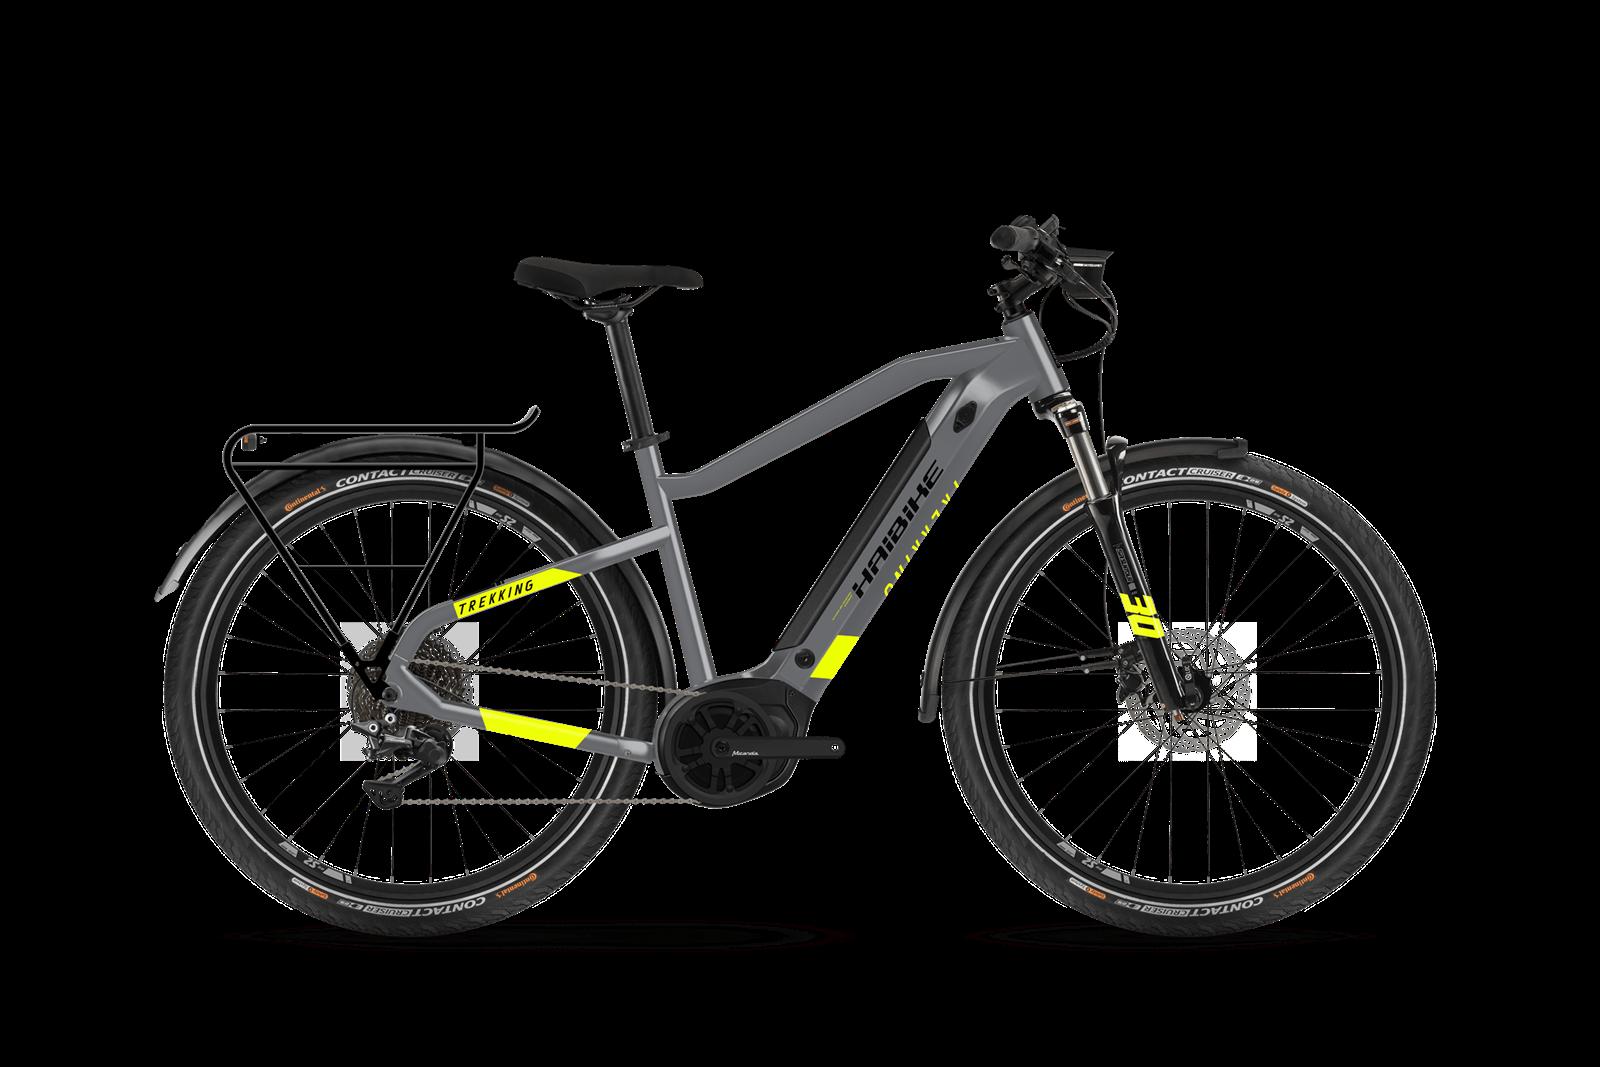 HAIBIKE Trekking 6 férfi trekking pedelec kerékpár - XL (2021)